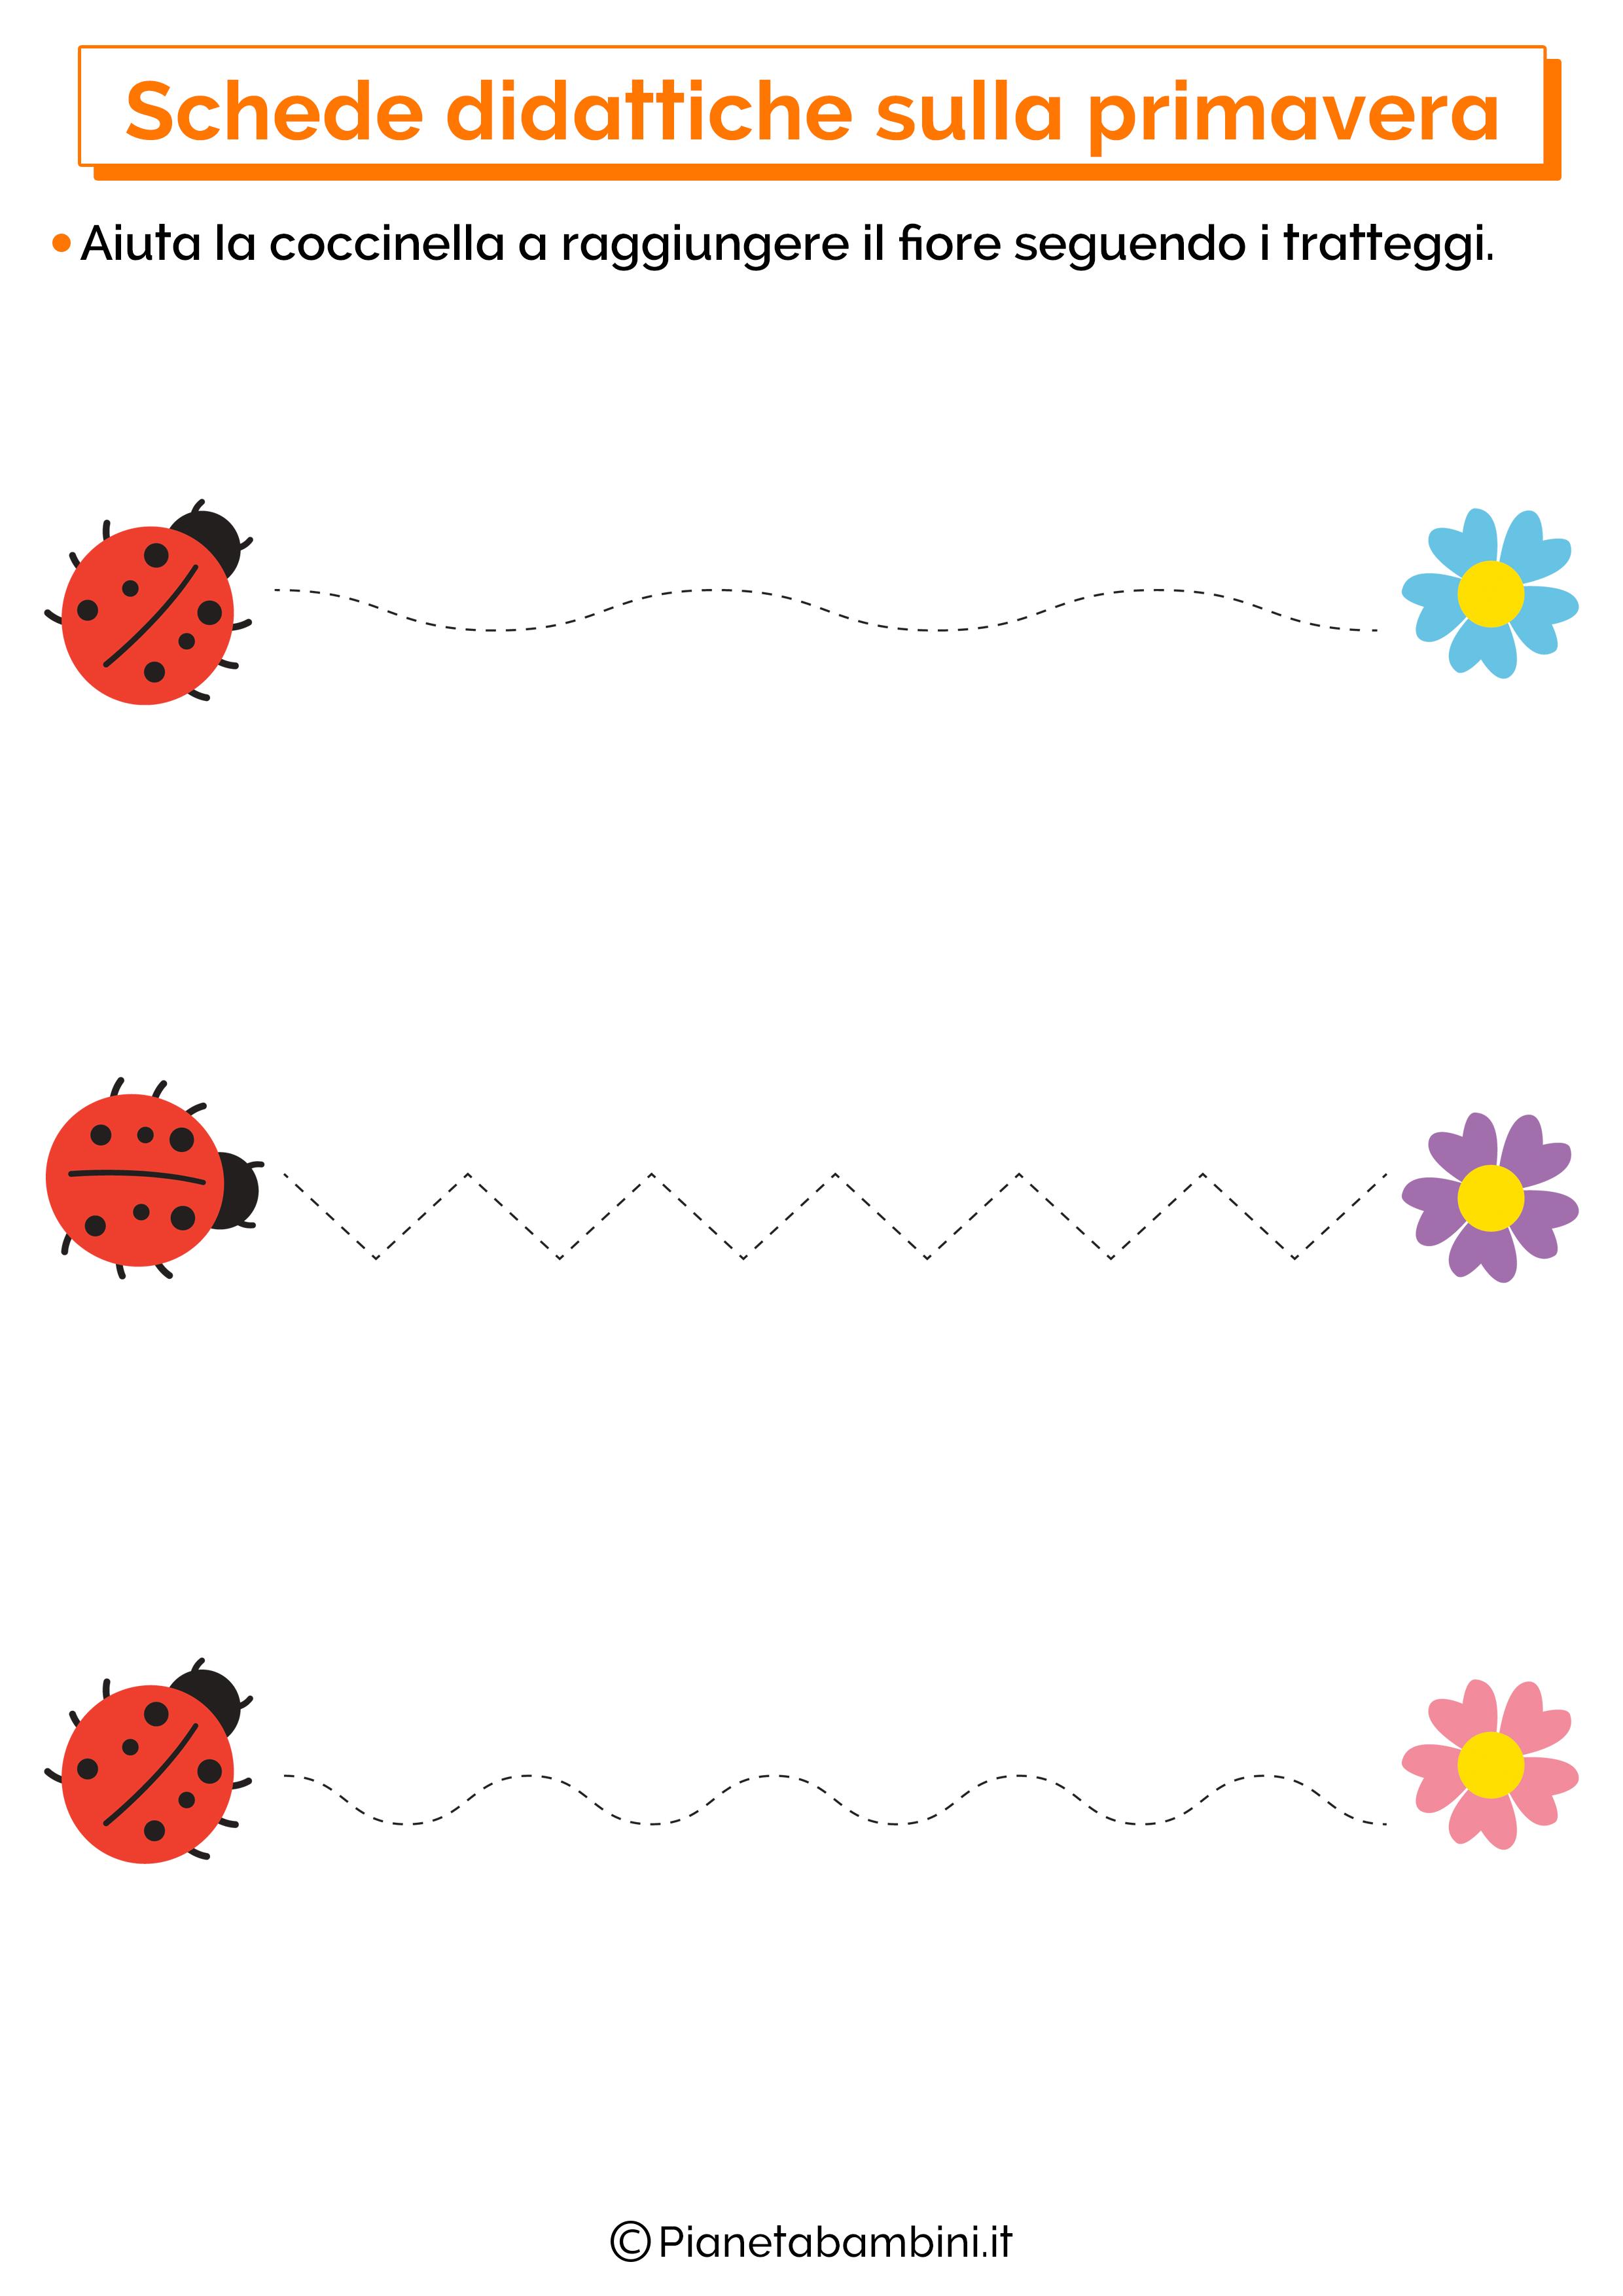 Scheda didattica sulla primavera per la scuola dell'infanzia numero 10